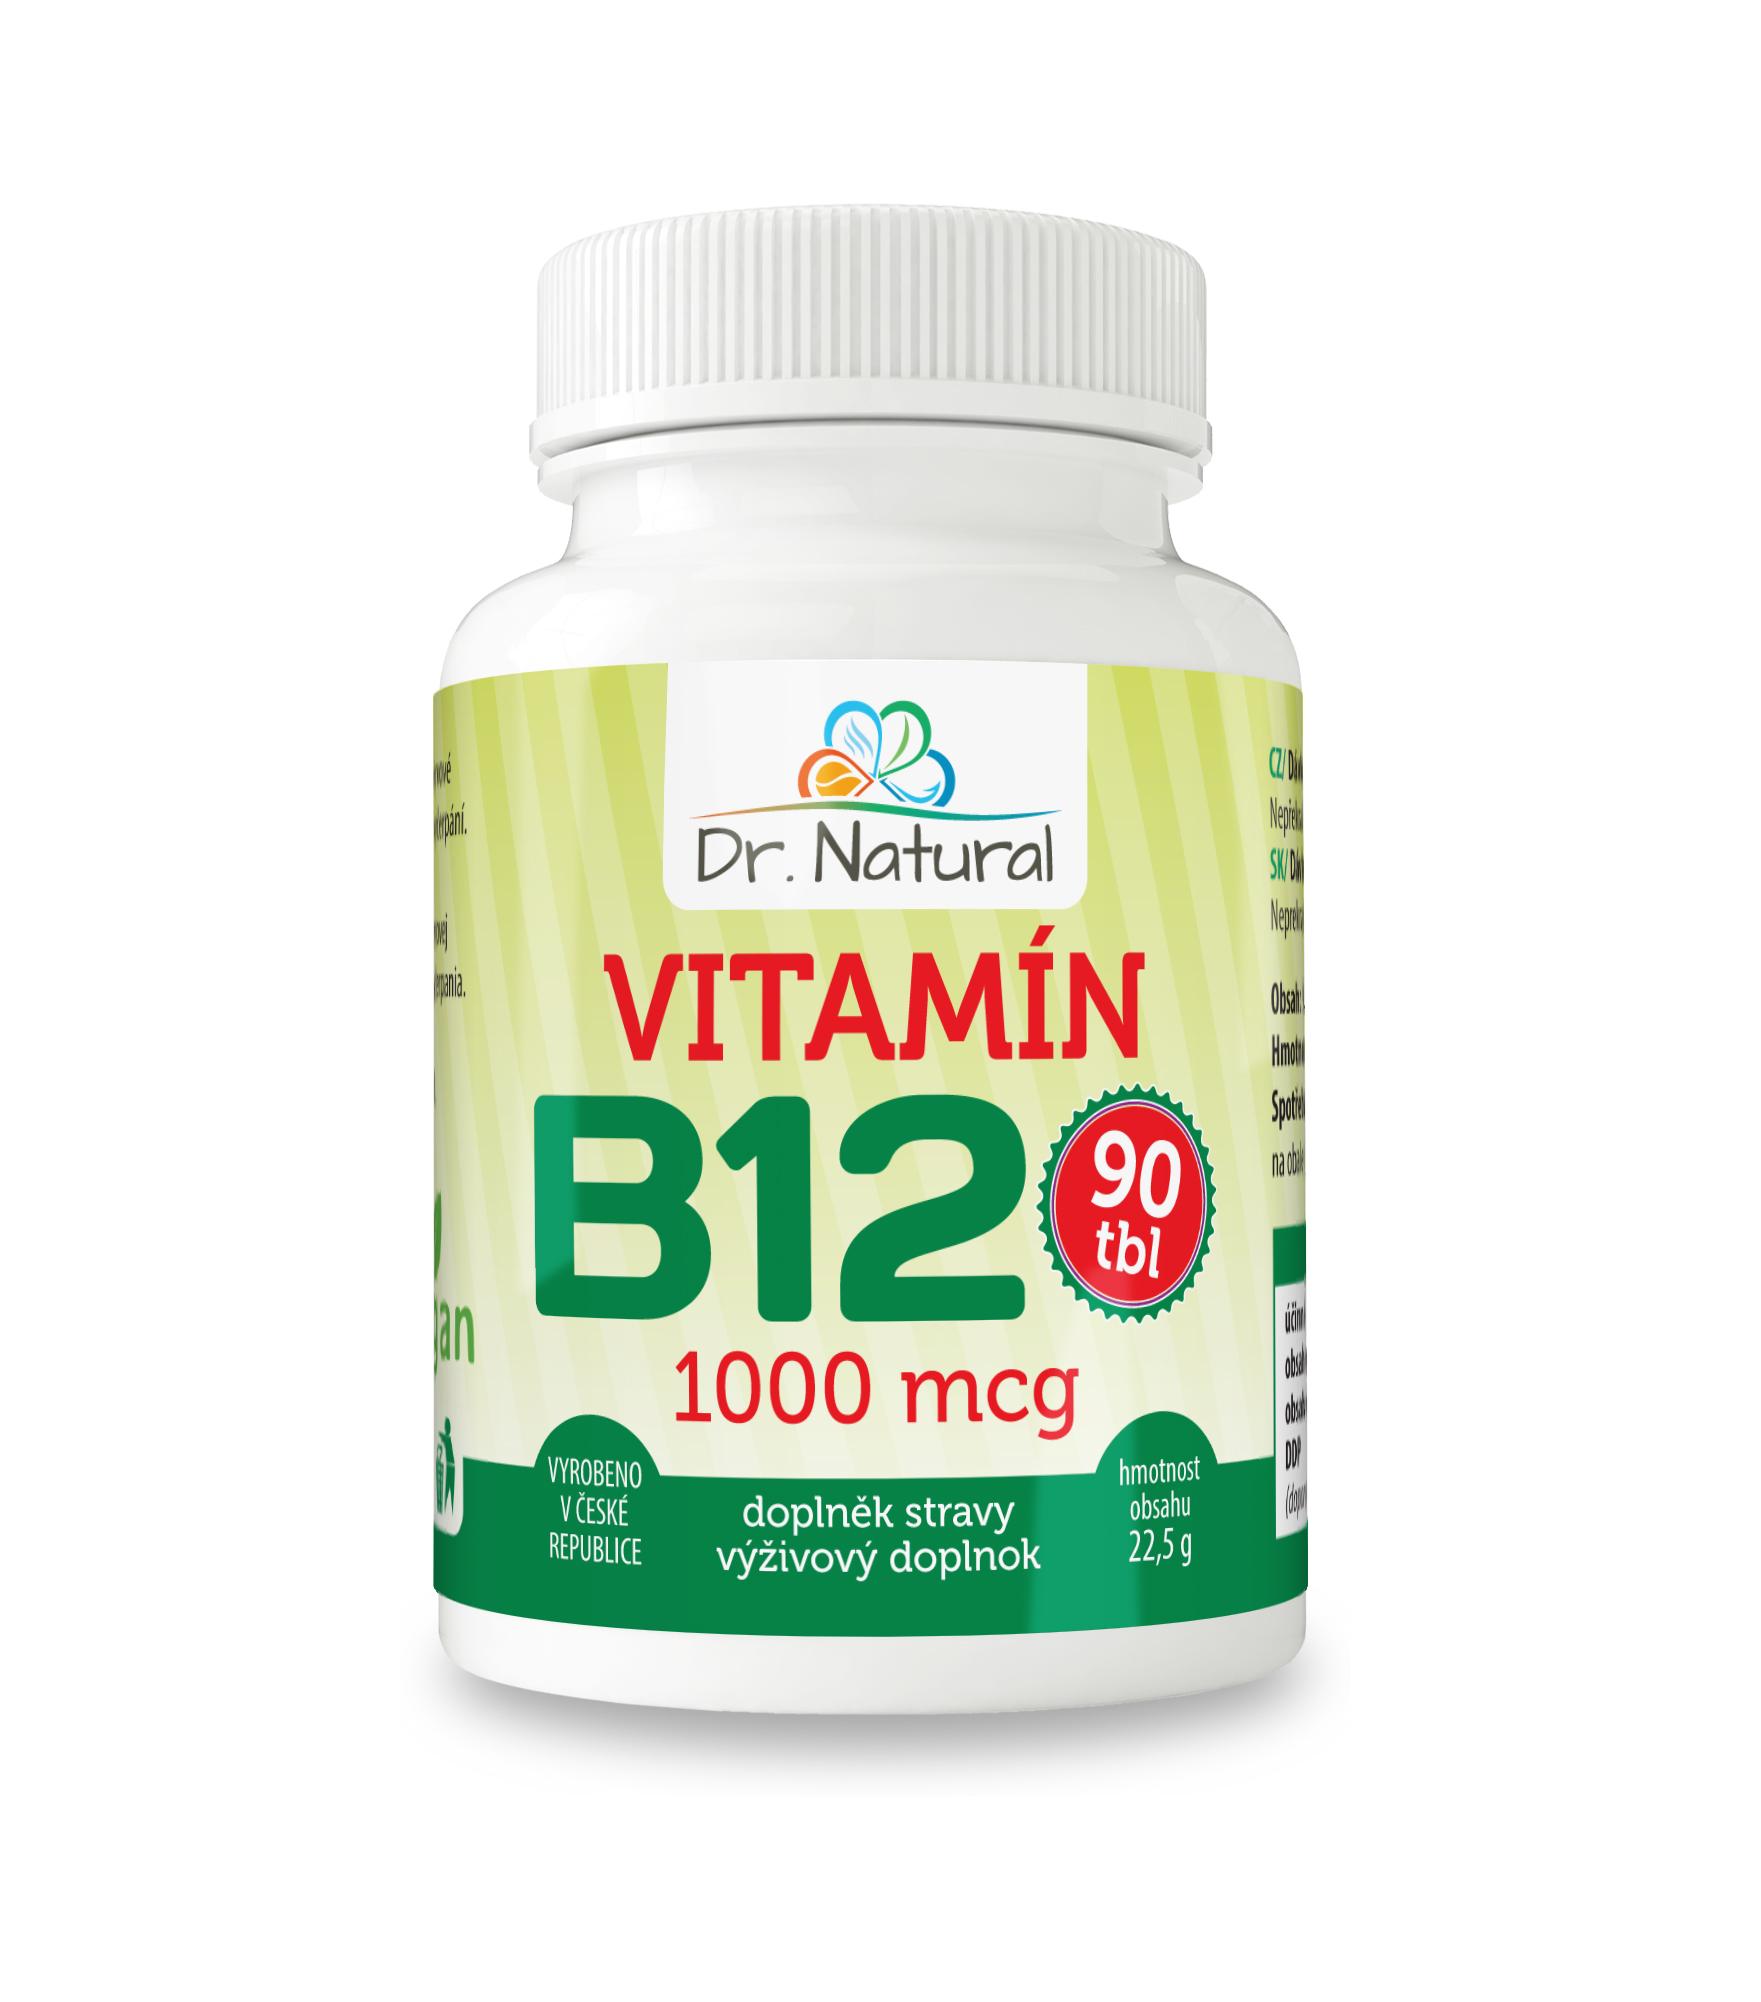 Dr.Natural Vitamín B12 1000 mcg 90 tbl.